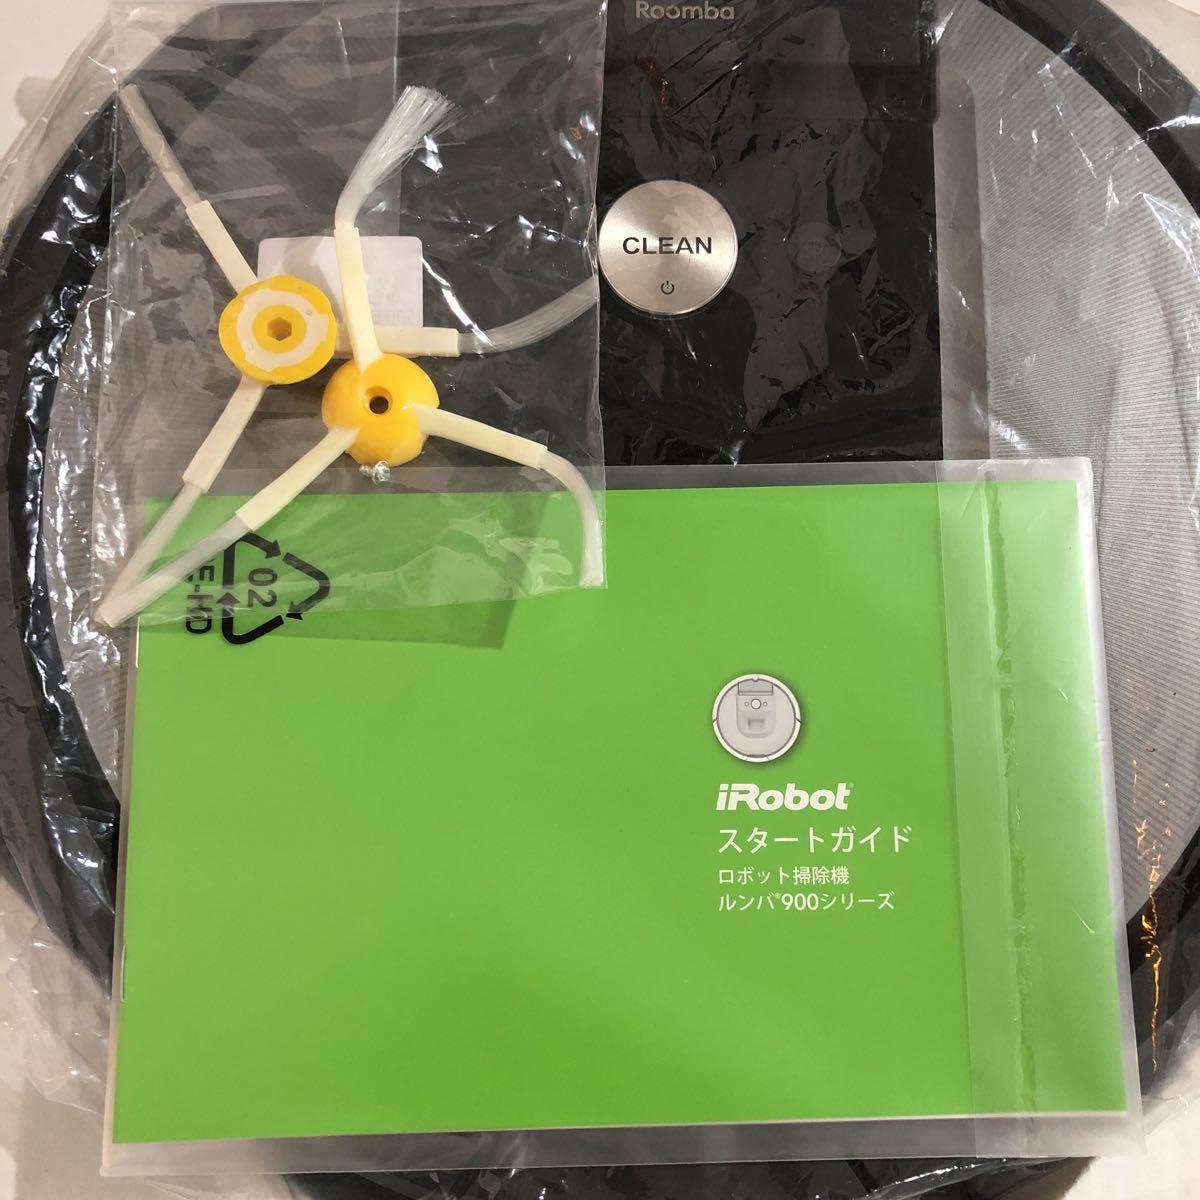 ★【動作確認済/美品】iRobot/アイロボット Roomba/ルンバ 960 シルバー系 ロボット掃除機_画像8